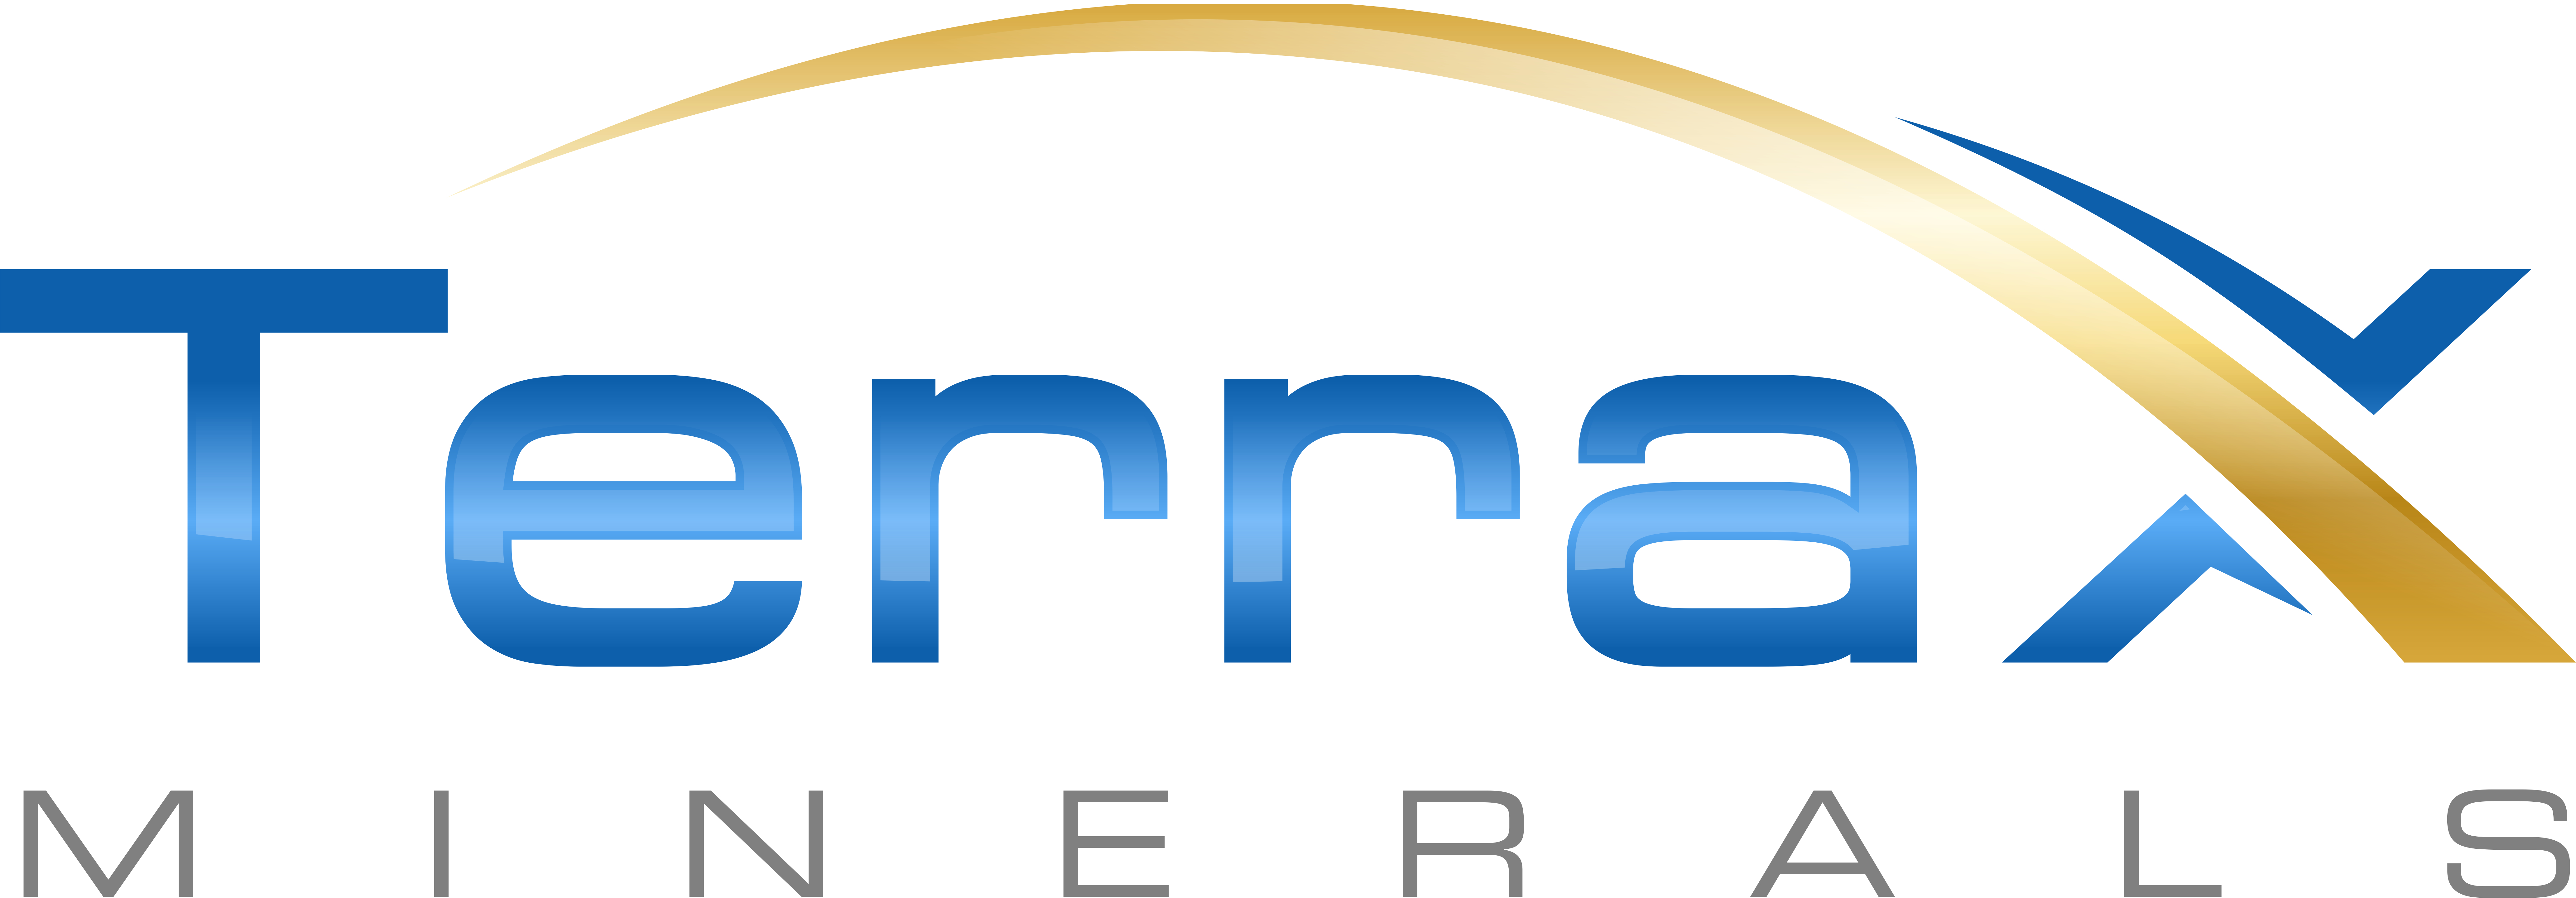 TerraX Minerals